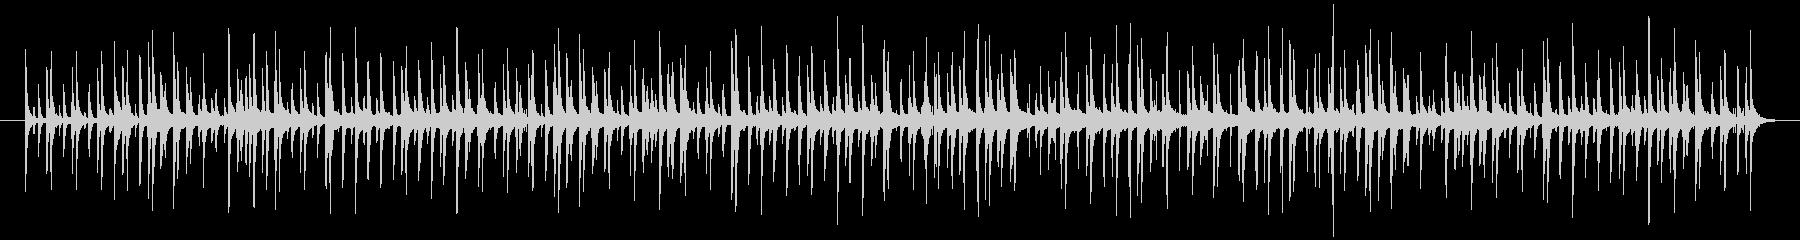 ハンドクラップやドラムが効いたポップな曲の未再生の波形